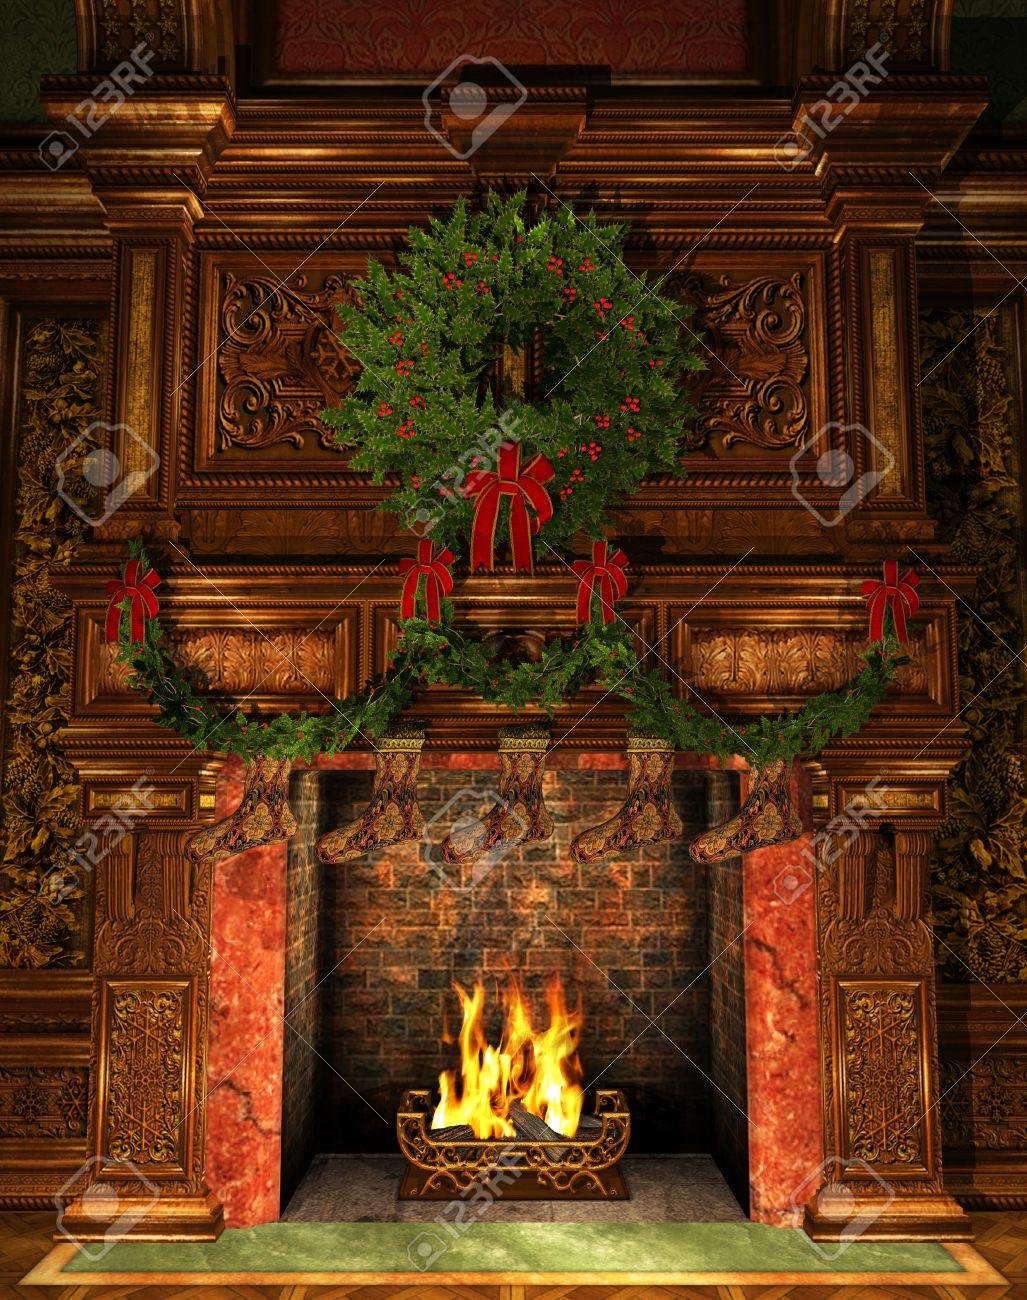 3D-grafik I En öppen Spis Dekorerad Till Jul Med Holly Krans ...